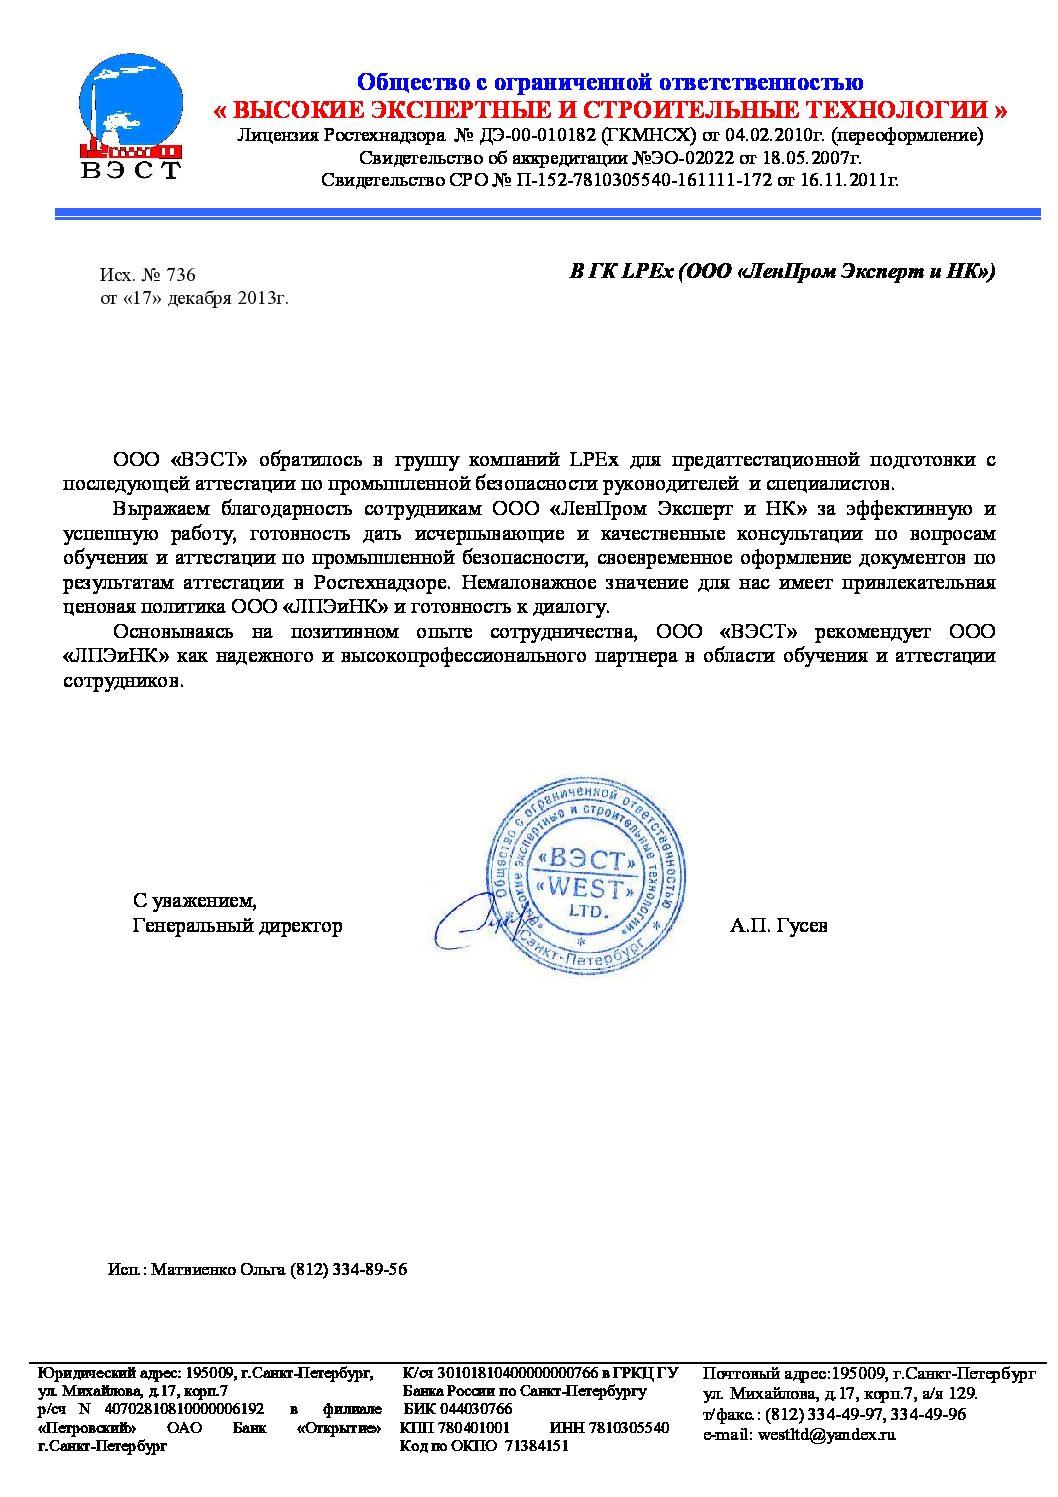 ООО «ВЭСТ», АТТЕСТАЦИЯ ПО ПРОМЫШЛЕННОЙ БЕЗОПАСНОСТИ